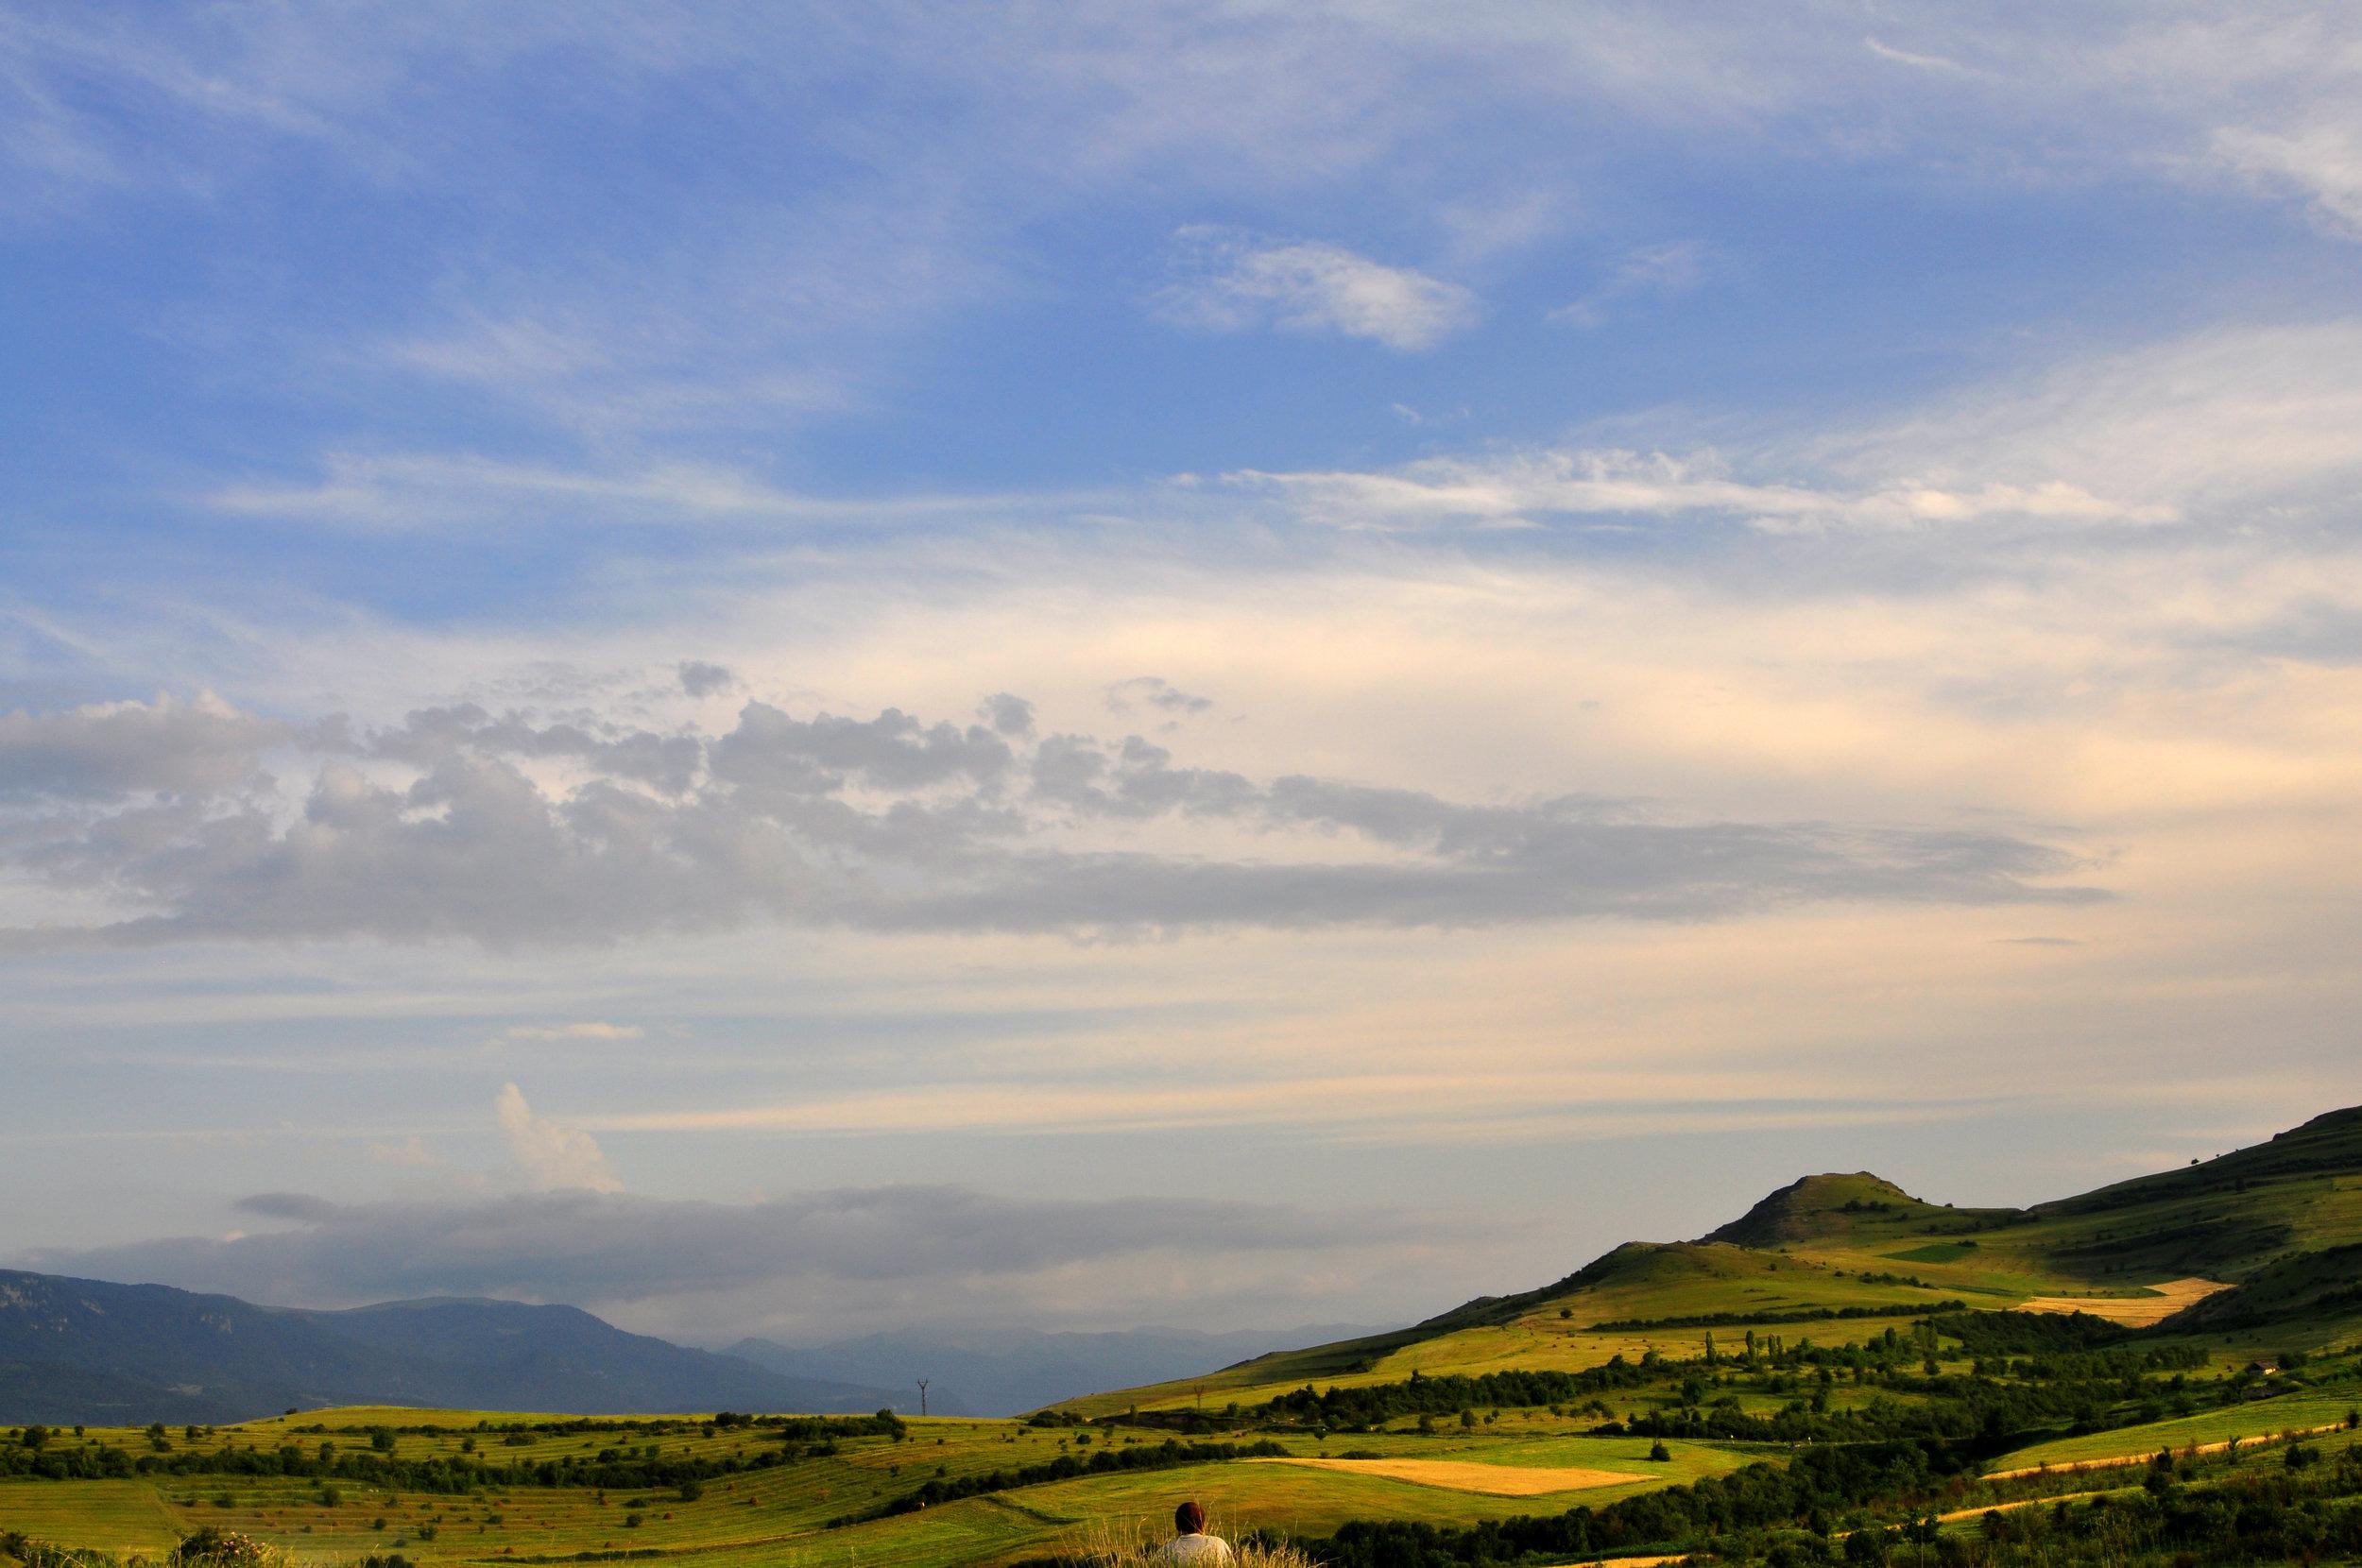 Piękny widok, ale z tego co pamiętam miejsce mało bezpieczne, bo tuż przy granicy Górskiego Karabachu. Co tam robiliśmy, już nie pomnę :P